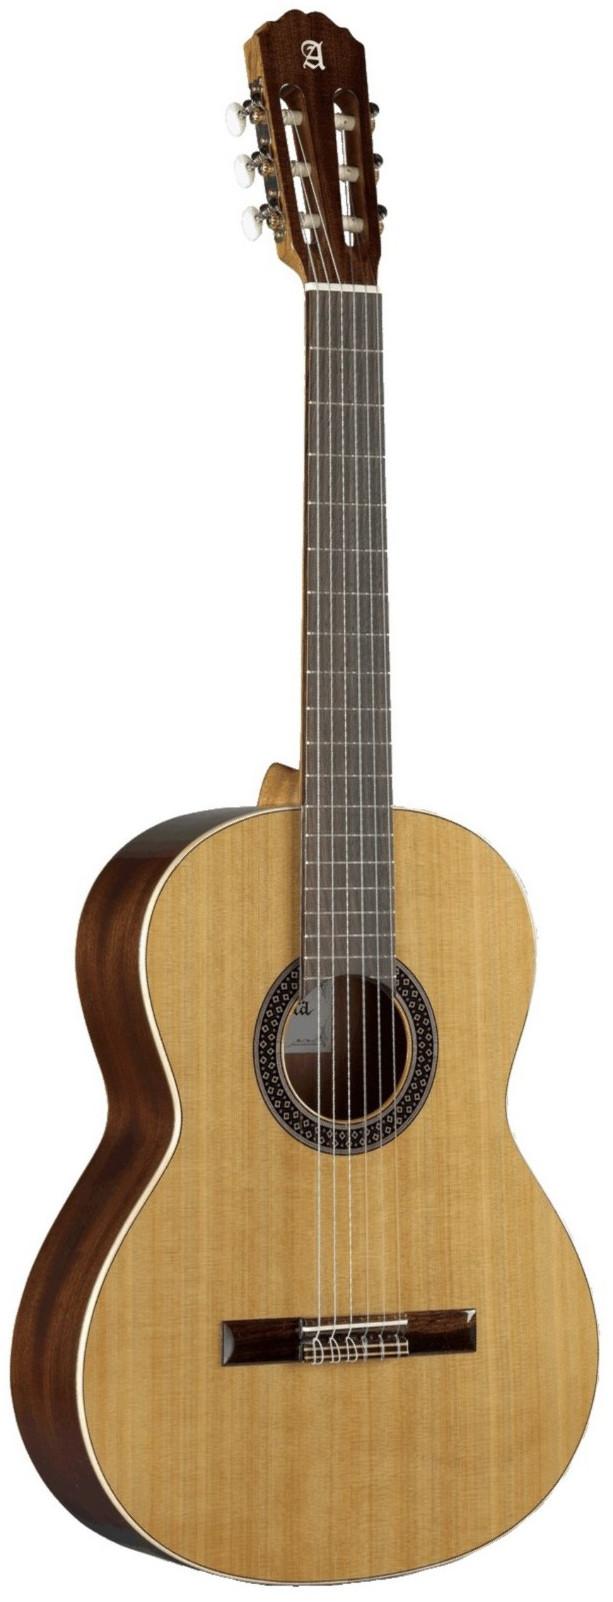 Гитара Alhambra 7.848 Open Pore 1C